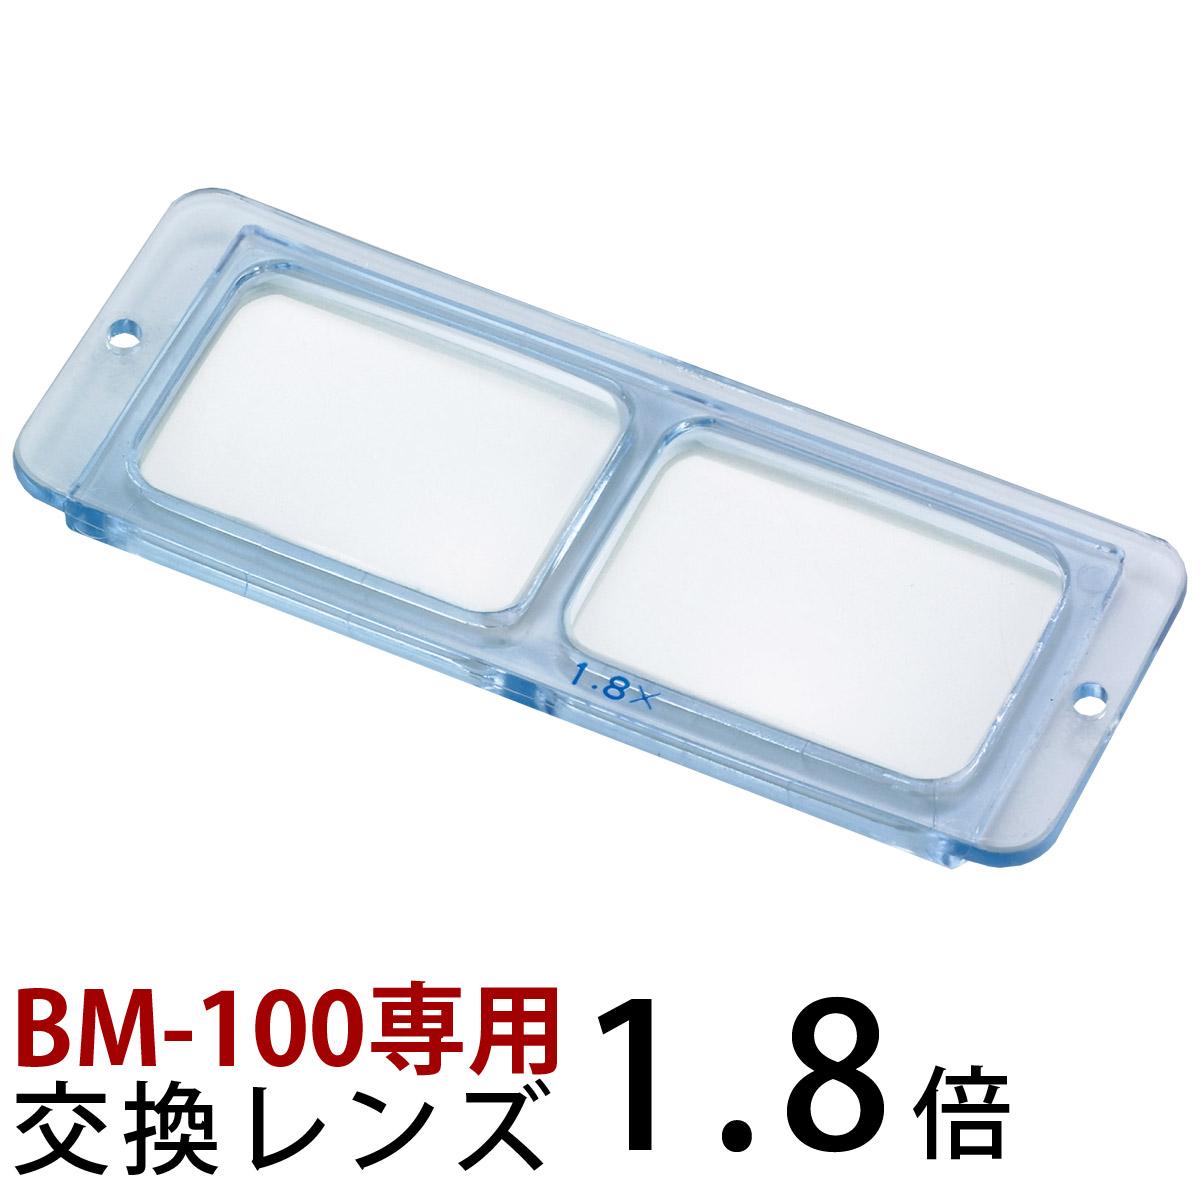 双眼ヘッドルーペ BM-100 専用 交換レンズ 1.8倍